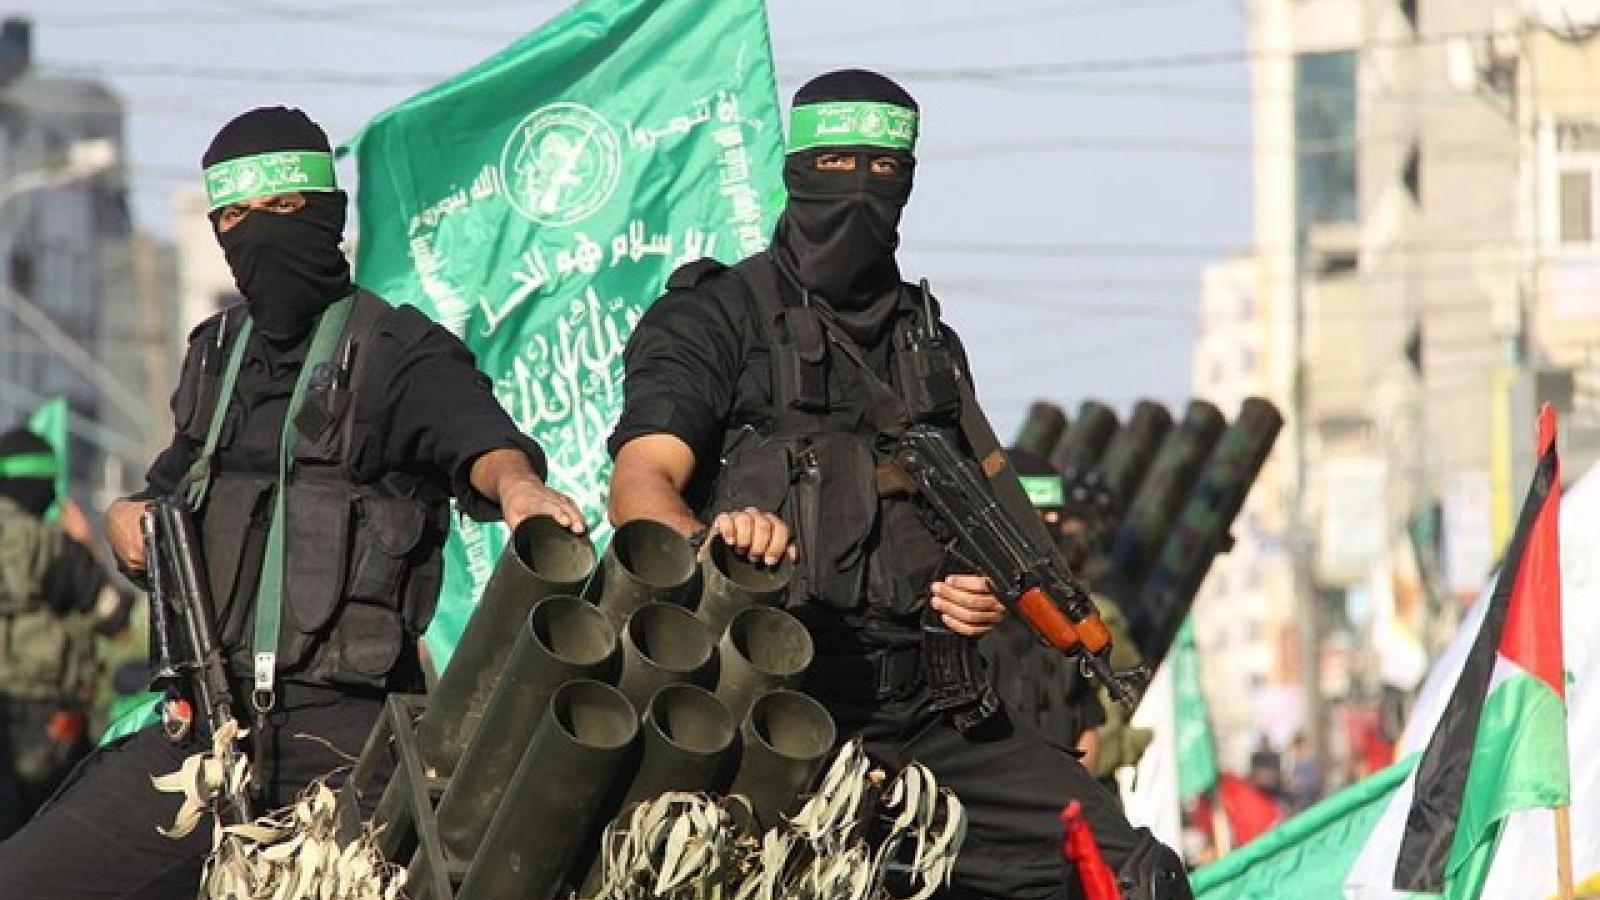 Vũ khí bất ngờ của Hamas khiến Israel bừng tỉnh trước mối đe dọa mới